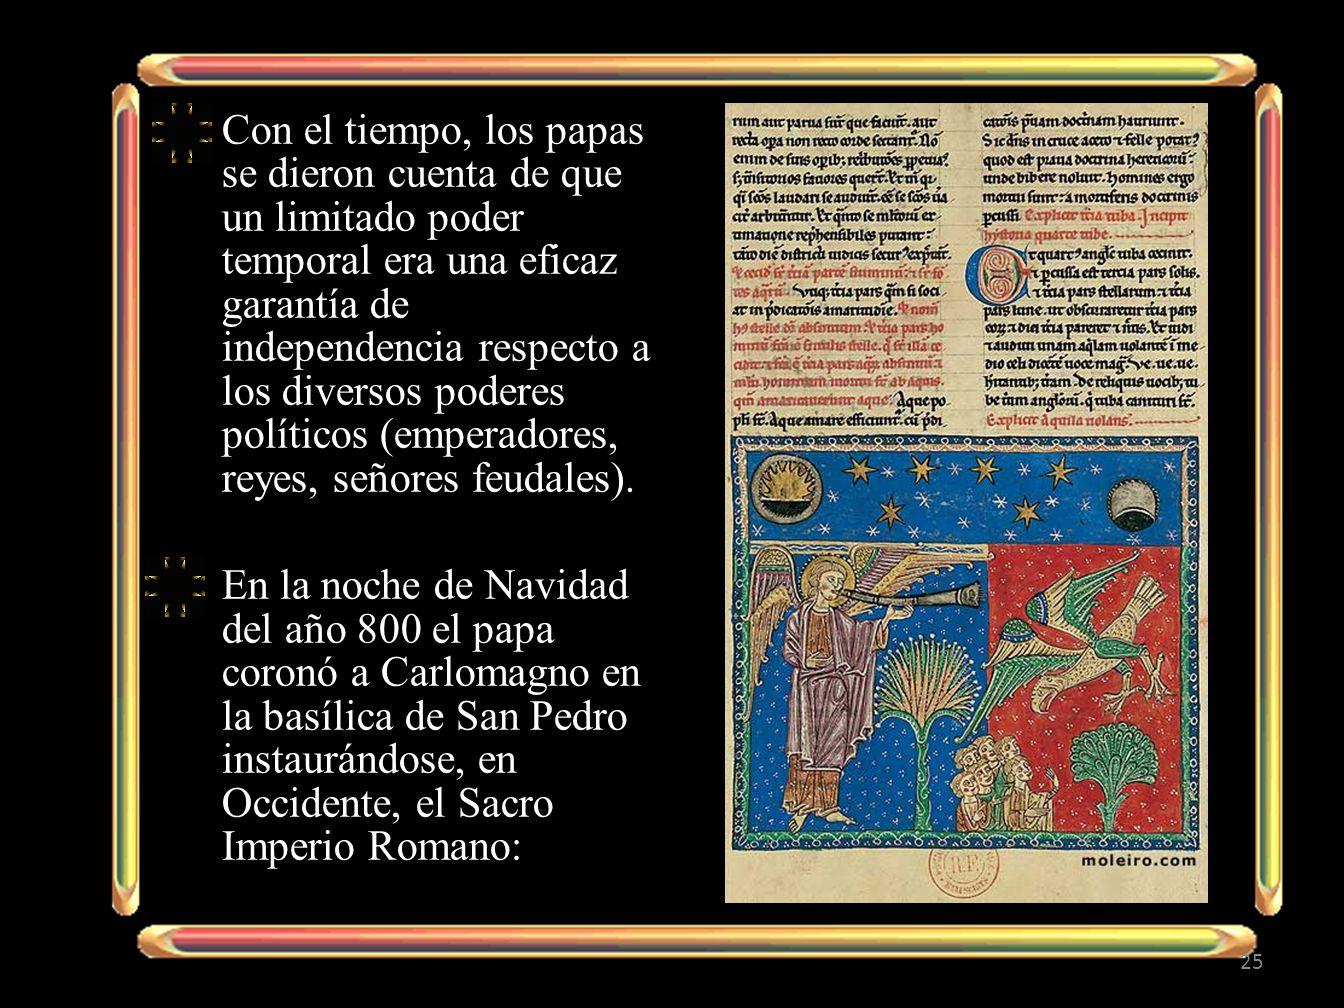 Con el tiempo, los papas se dieron cuenta de que un limitado poder temporal era una eficaz garantía de independencia respecto a los diversos poderes p